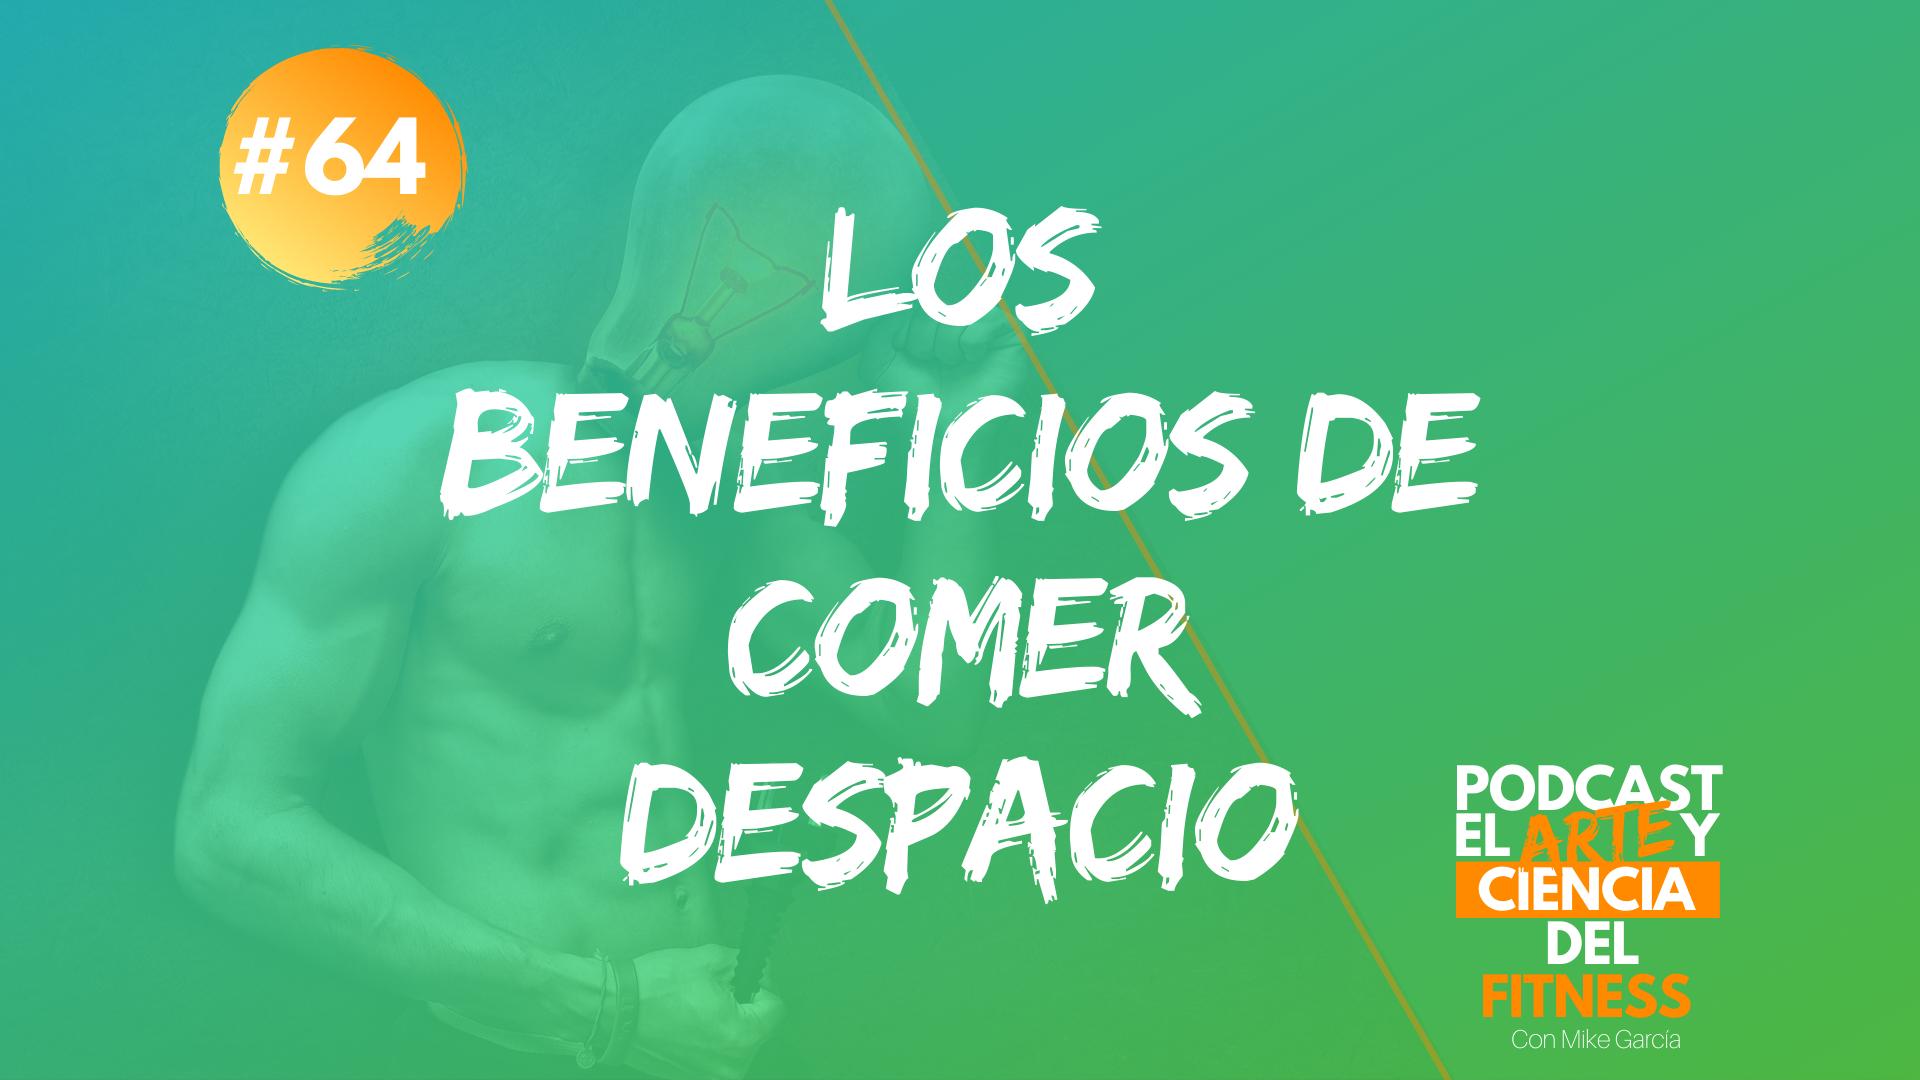 Podcast #64: Los Beneficios de Comer Despacio